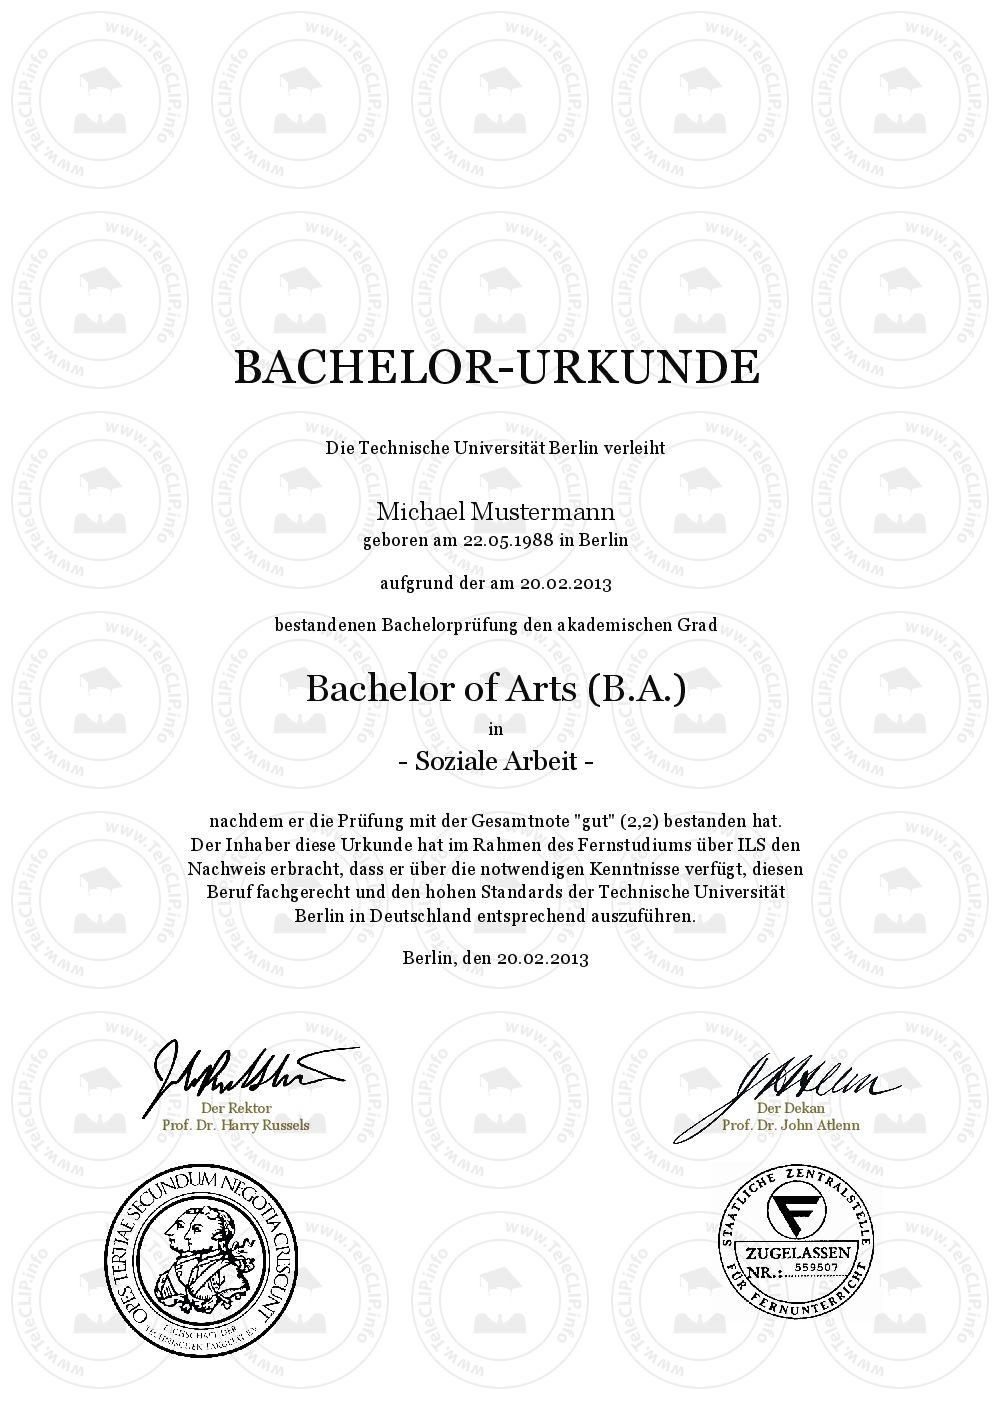 Atemberaubend Grad Zertifikatvorlage Bilder - Bilder für das ...